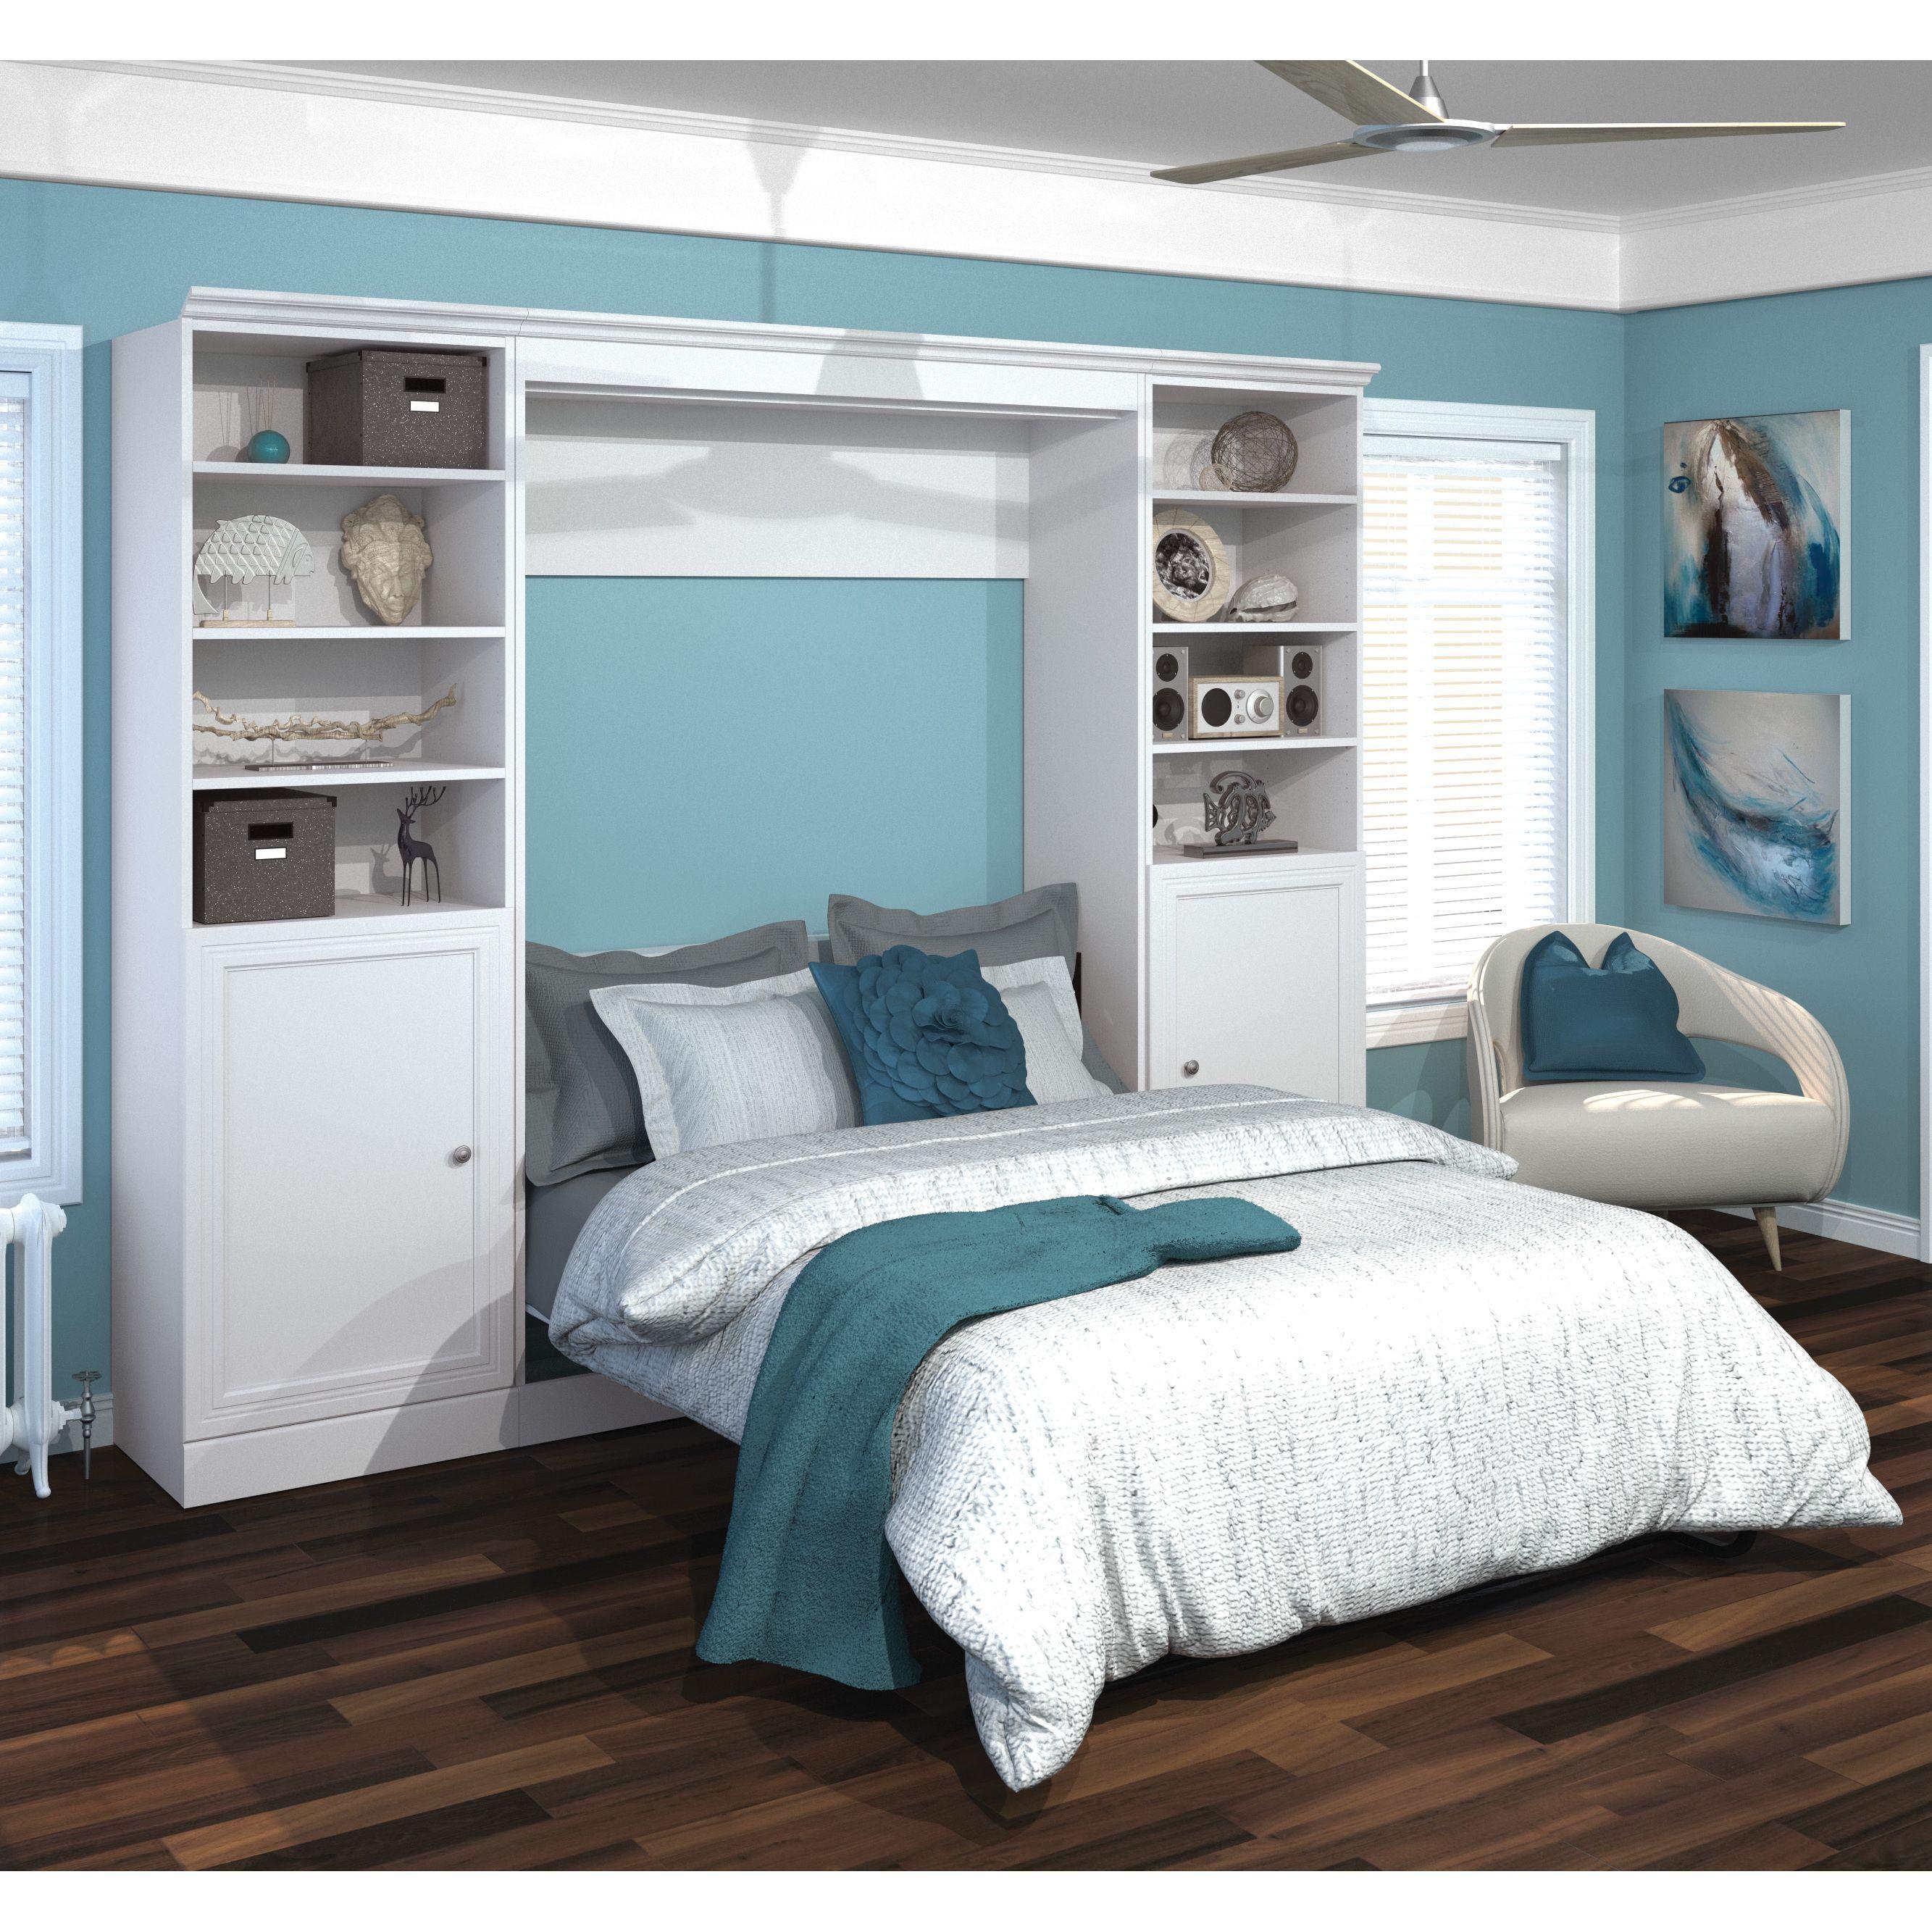 Versatile by Bestar 109inch Full Wall Bed Kit (White